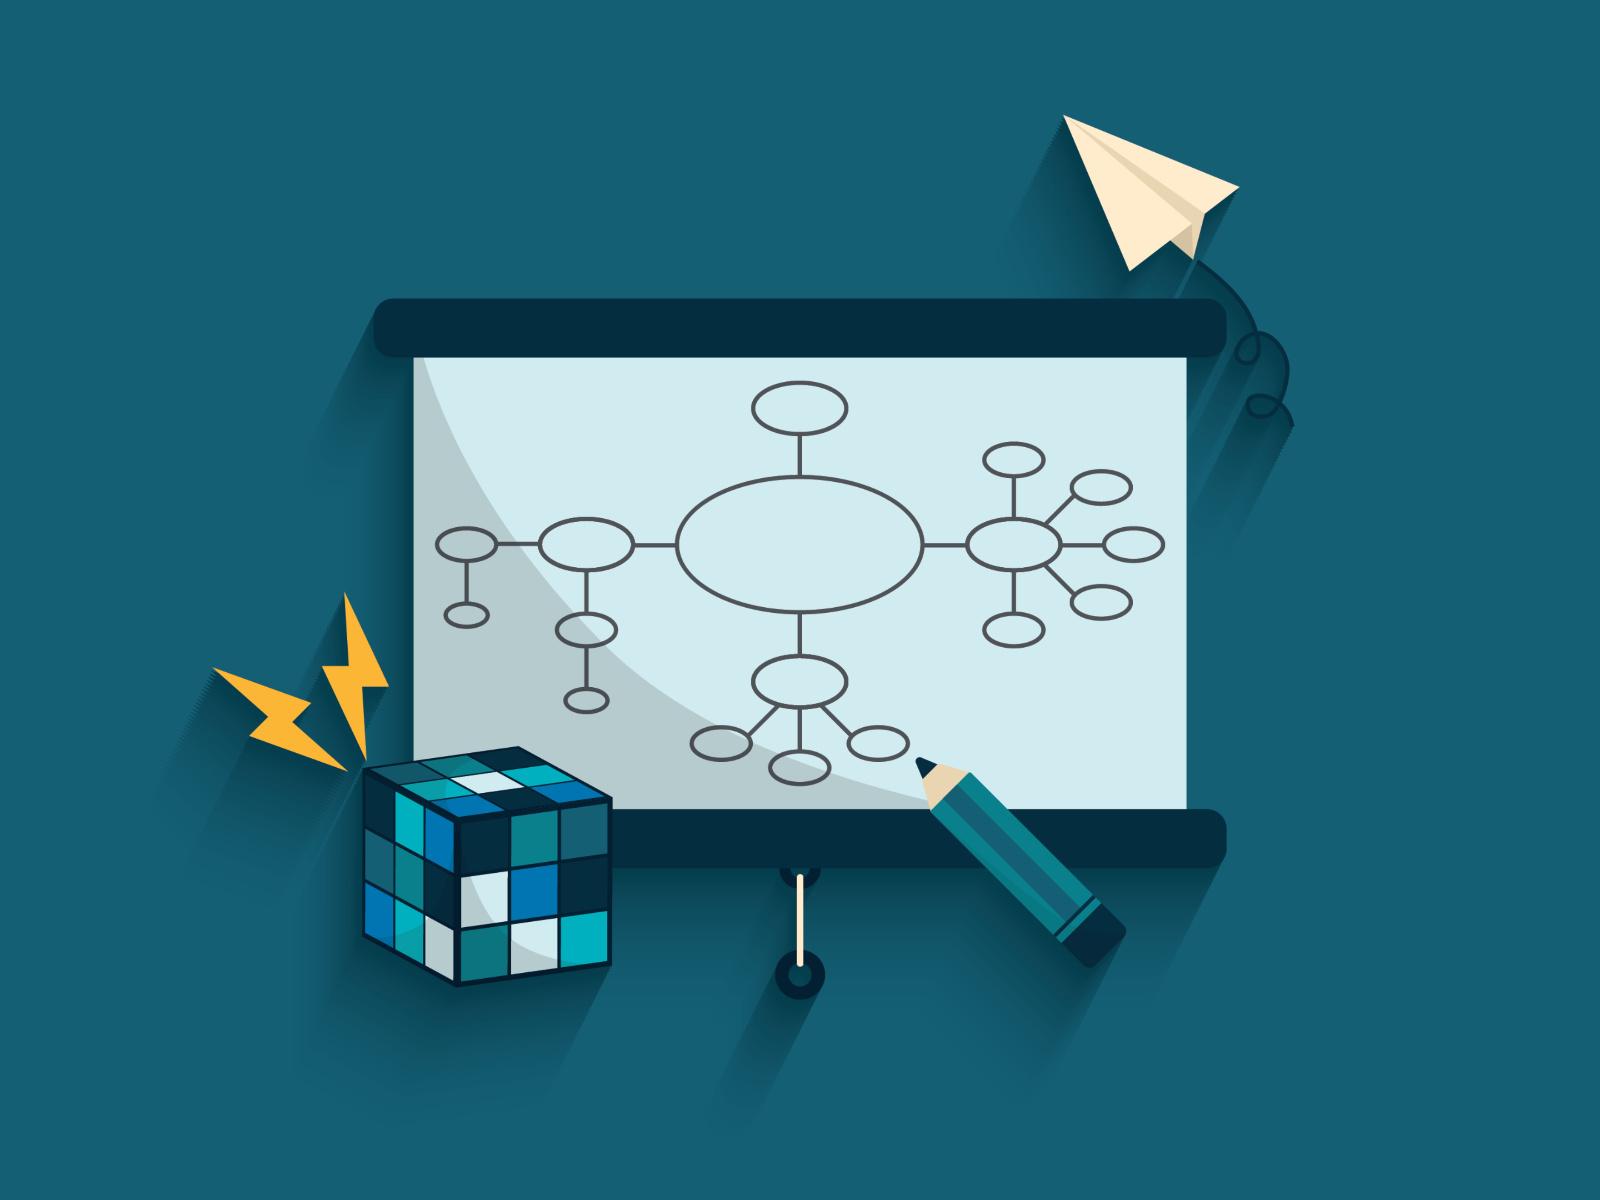 第58話|データ活用やAI(人工知能)で「効率化」すべきか? 今までの「やり方」を変えるべきか?